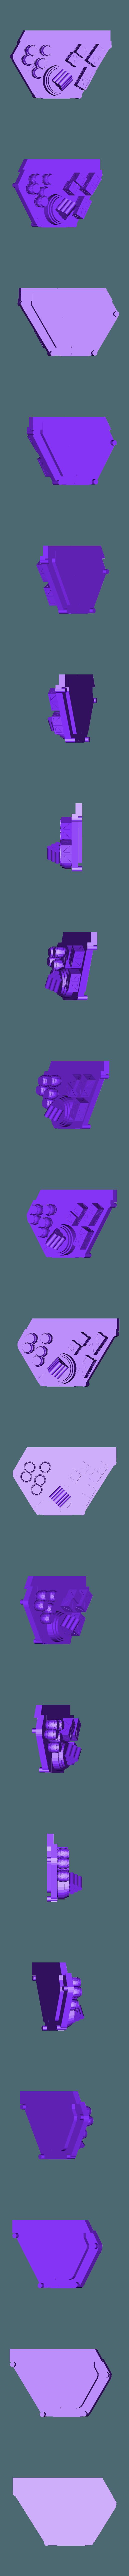 Catan_-_Harbor_Wood.stl Télécharger fichier STL gratuit Jeu complet de carreaux Catan - Buse simple, multicouches multicolores • Objet pour impression 3D, Hardcore3D